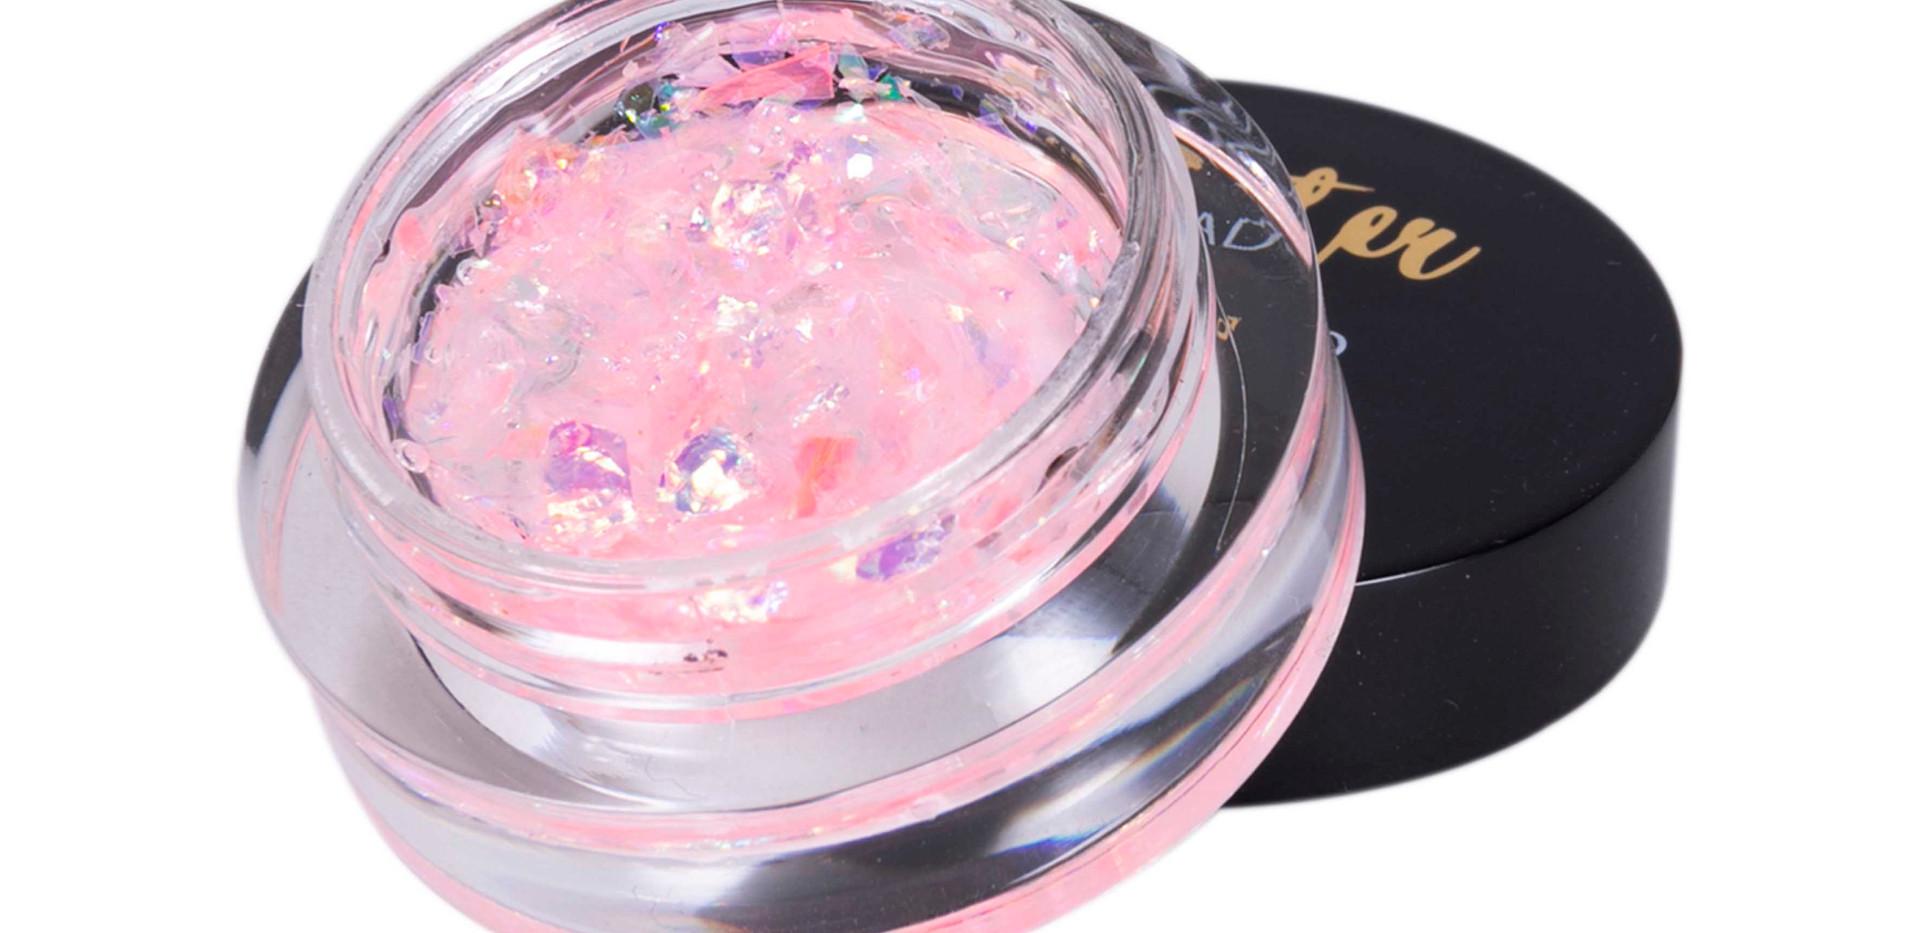 Glitter Flocado com Gel Dapop - HB96974 (cor 1)